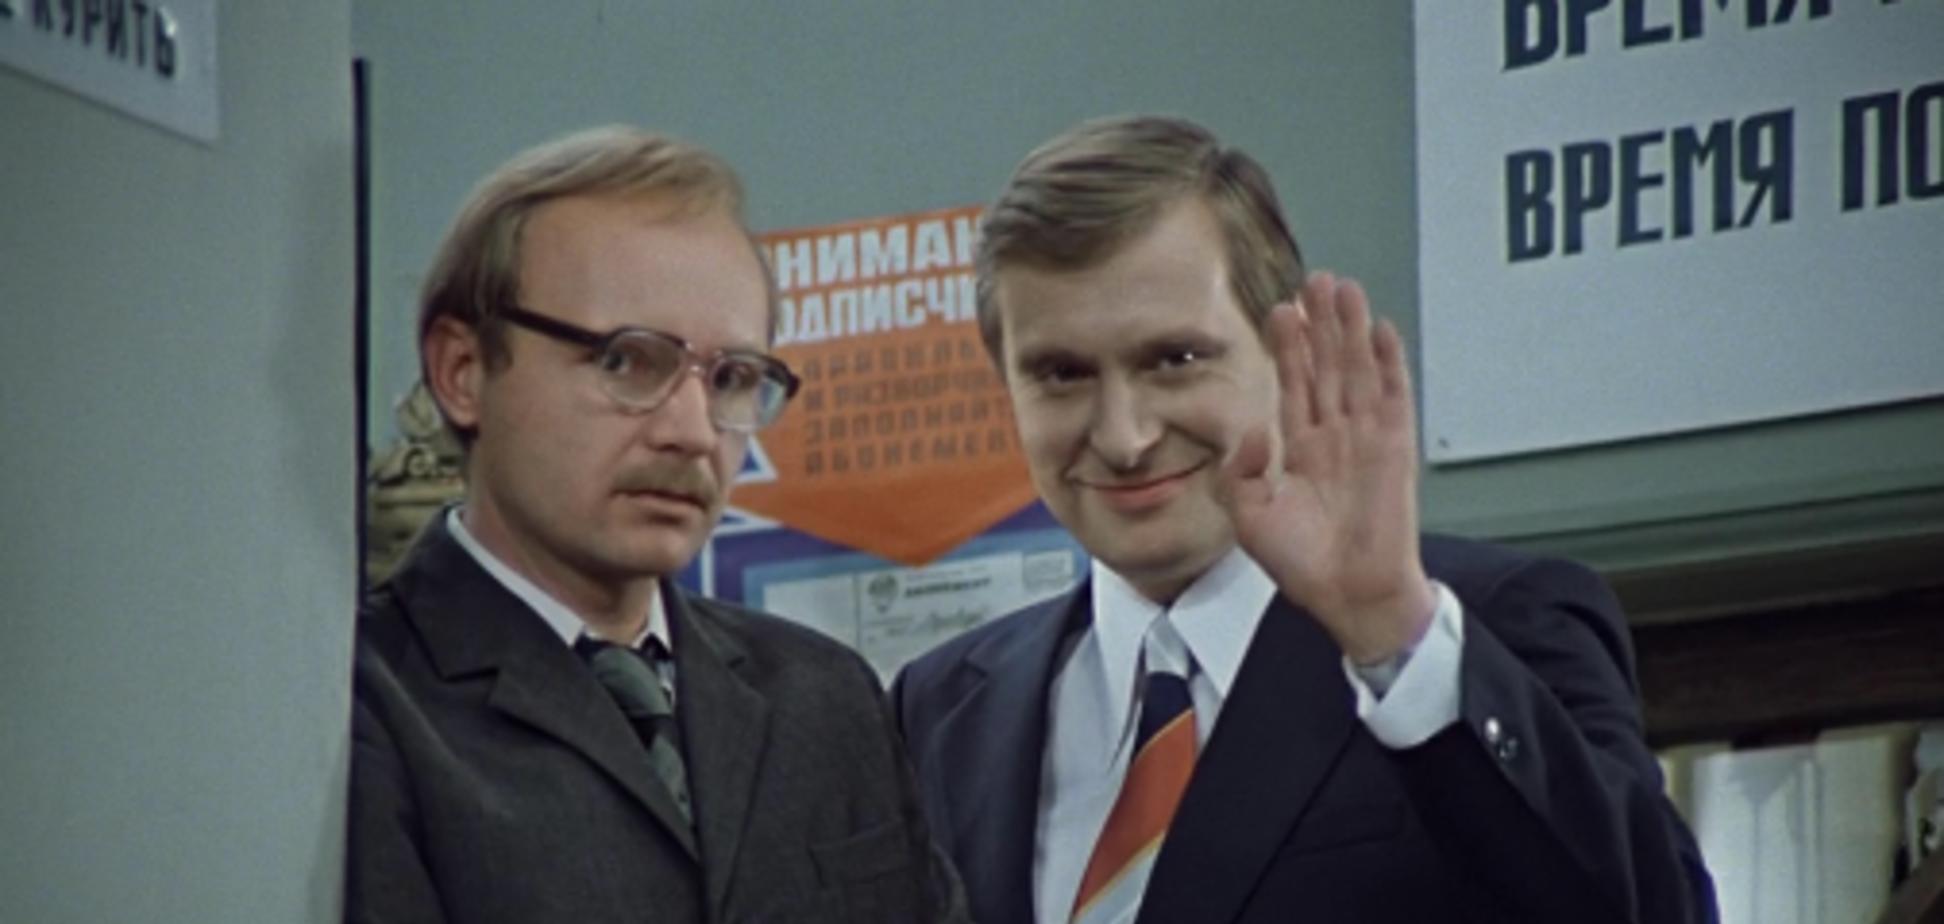 Знаменитый российский актер ужаснул болезненным видом: фото и видео